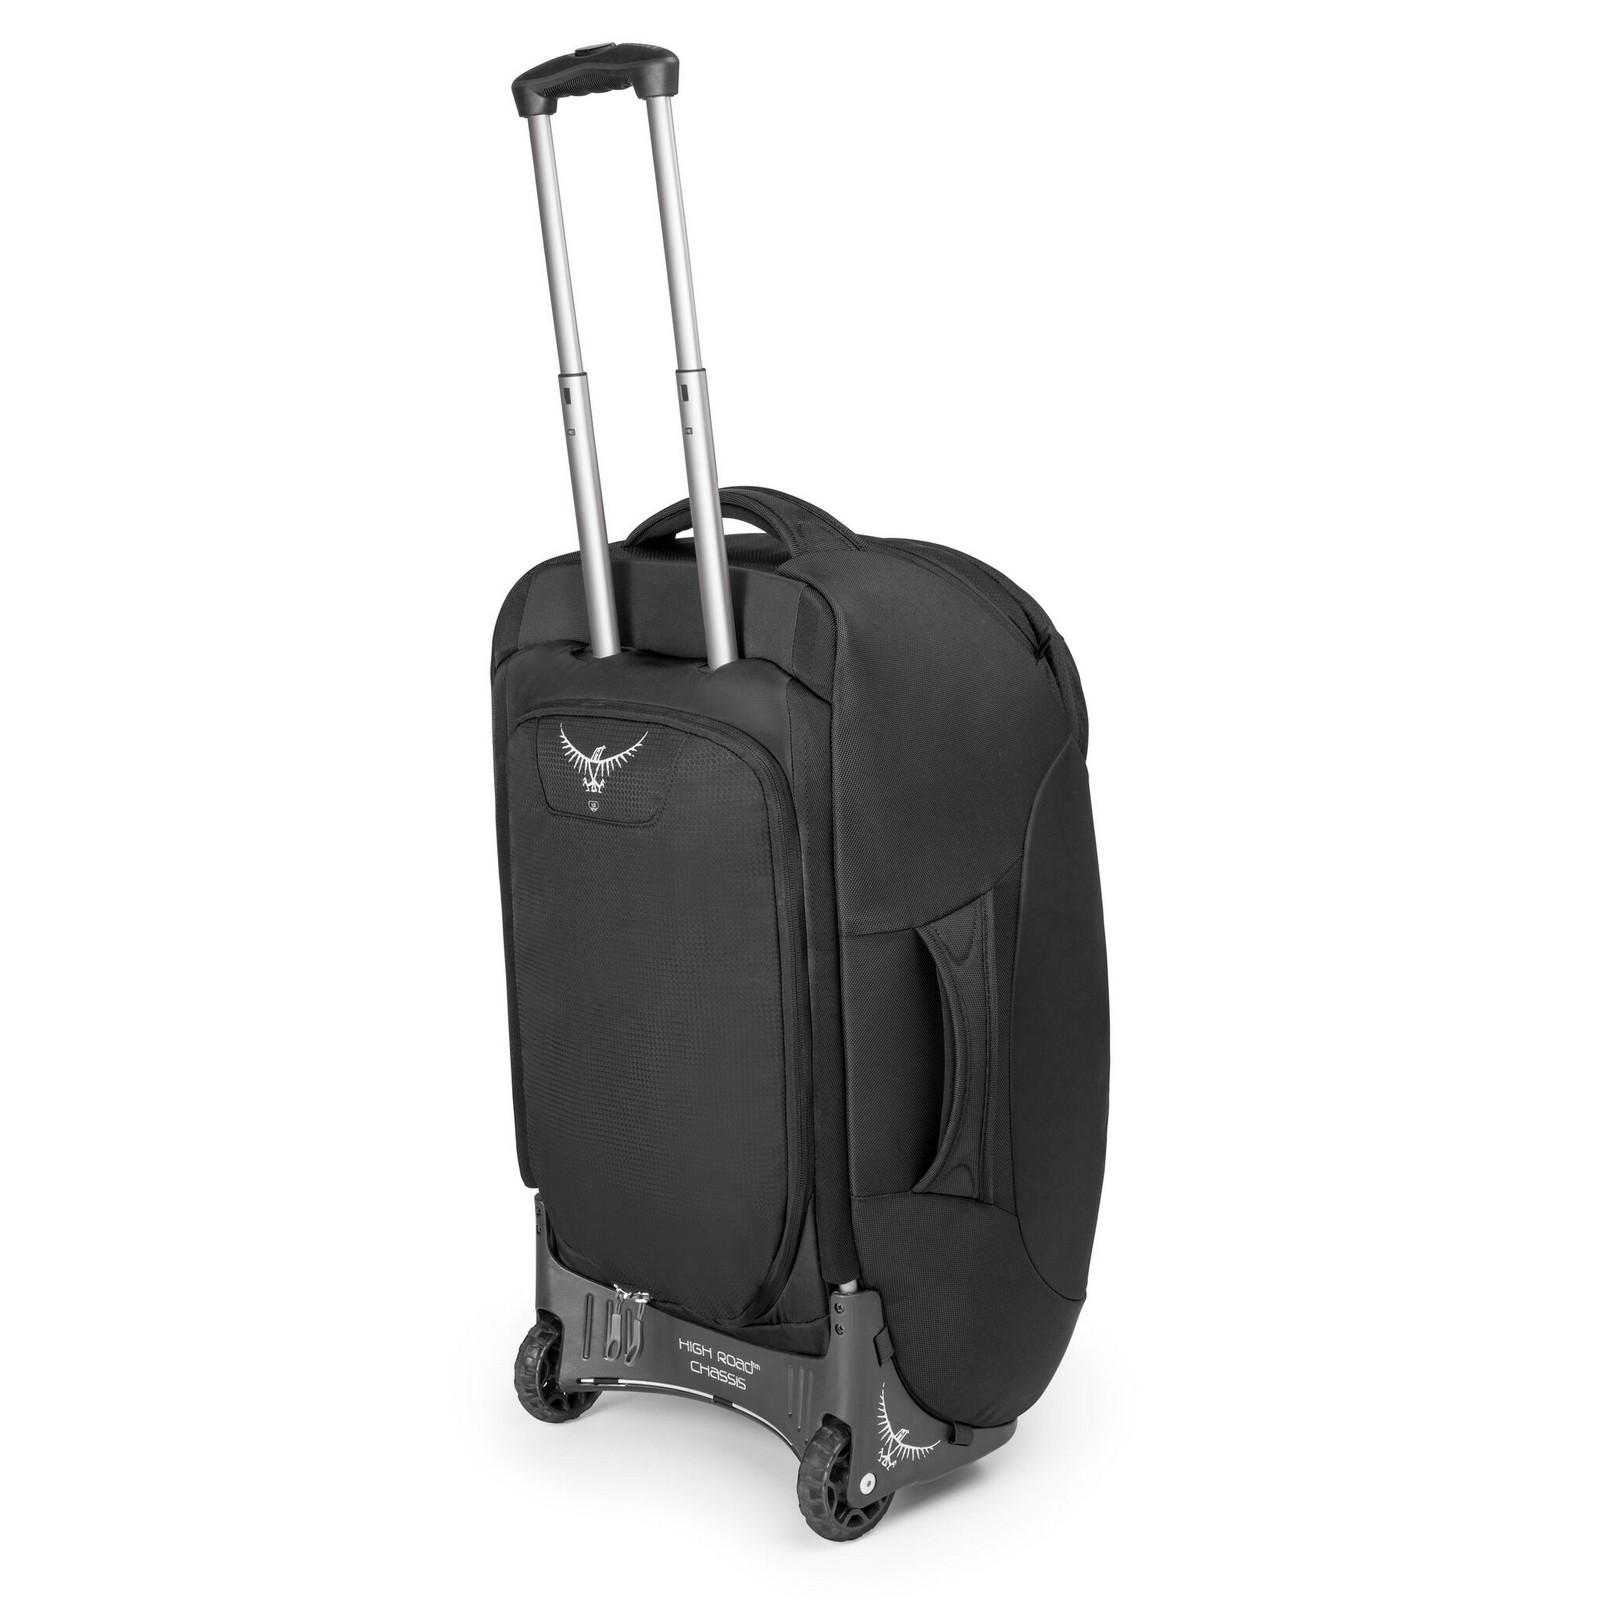 rollentasche rucksack trolley kofferrucksack tasche. Black Bedroom Furniture Sets. Home Design Ideas